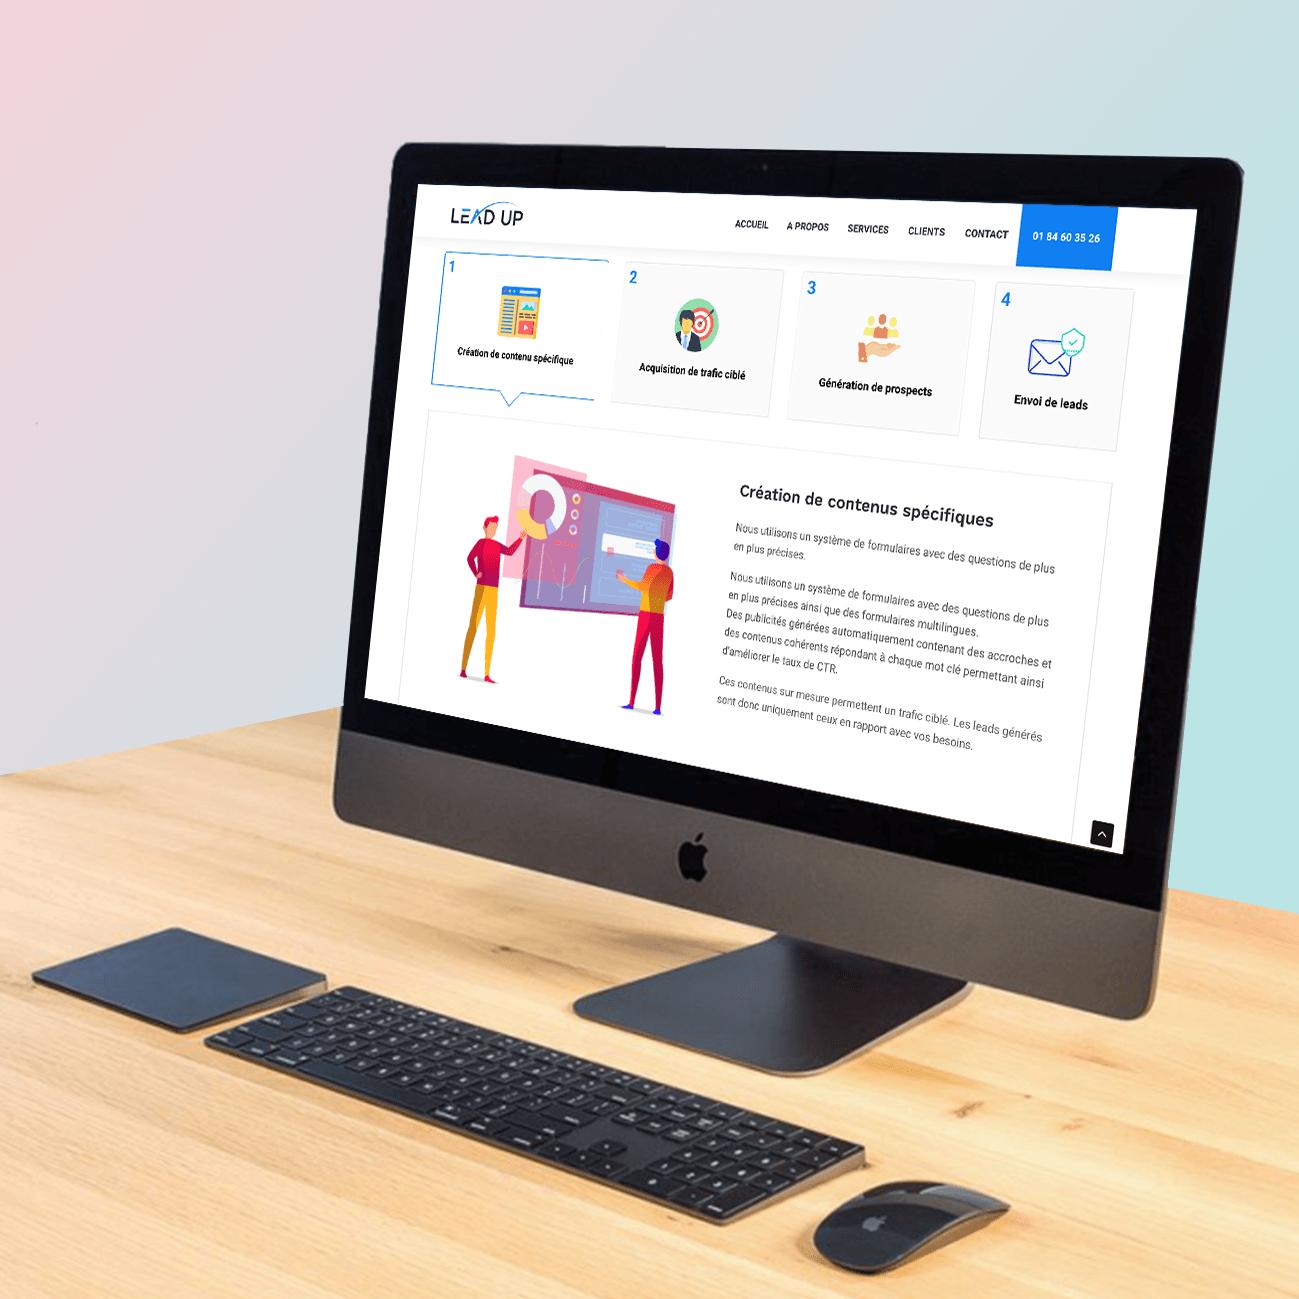 Agence web Likeweb communication ergonomie site web lead up webdesign